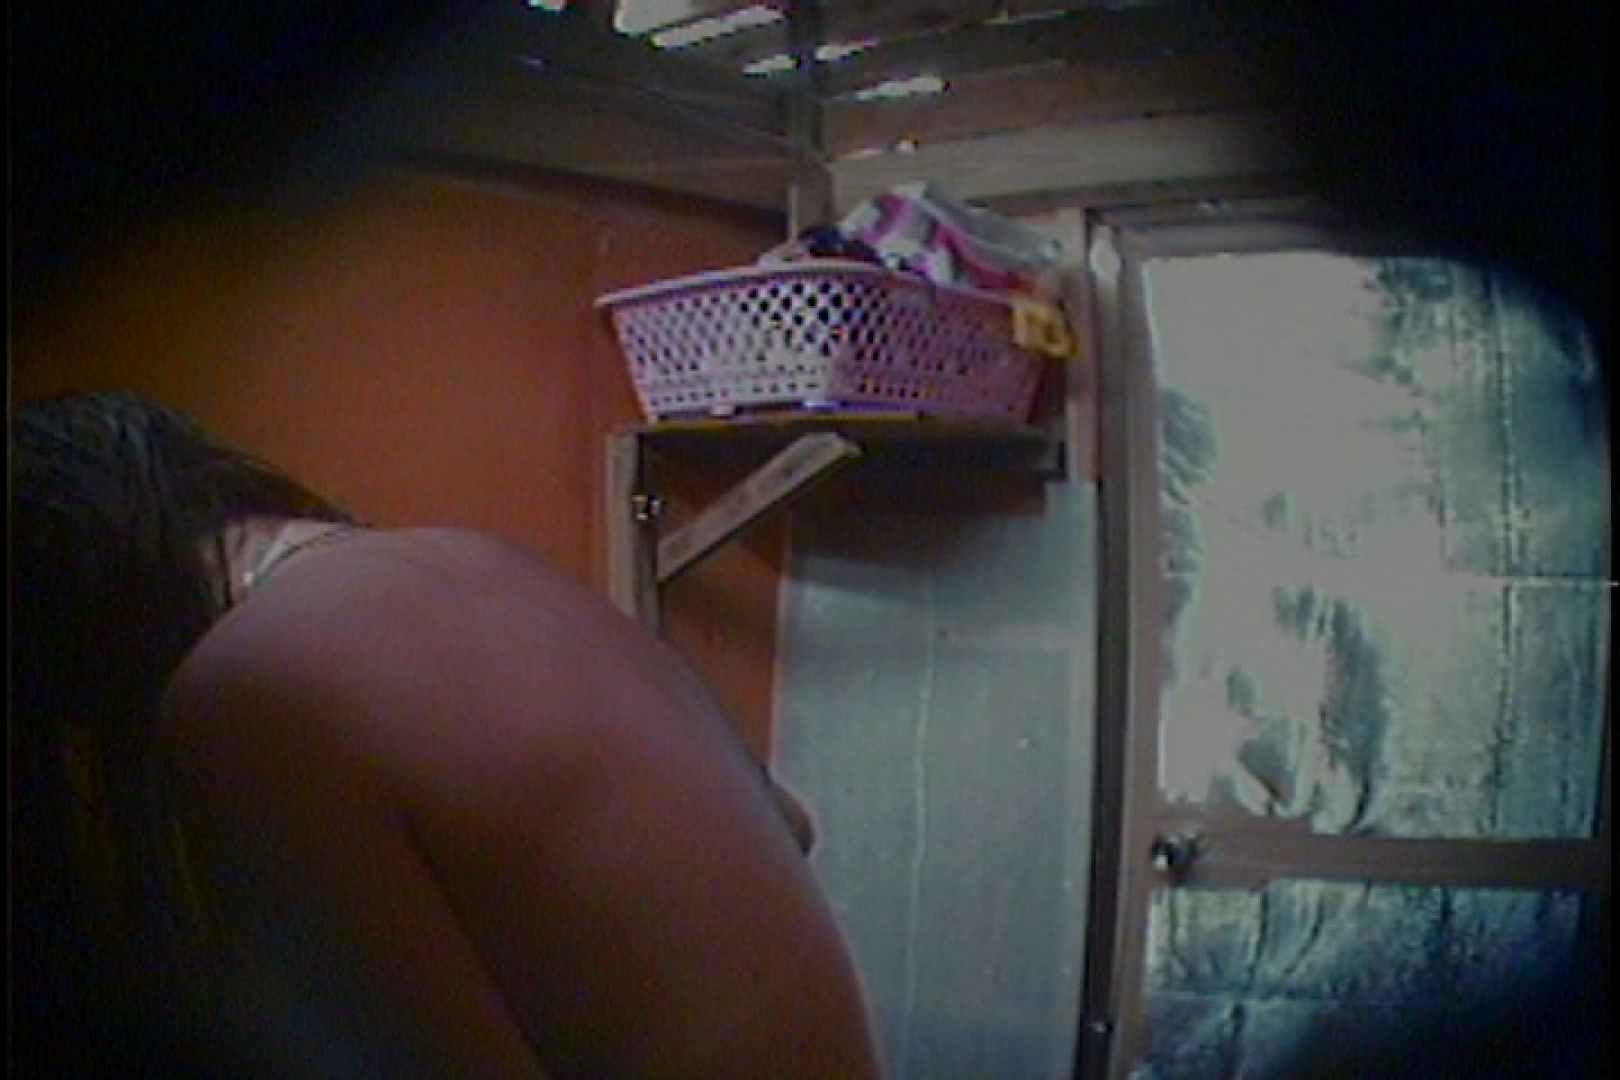 海の家の更衣室 Vol.56 シャワー中   美女達のヌード  69連発 53